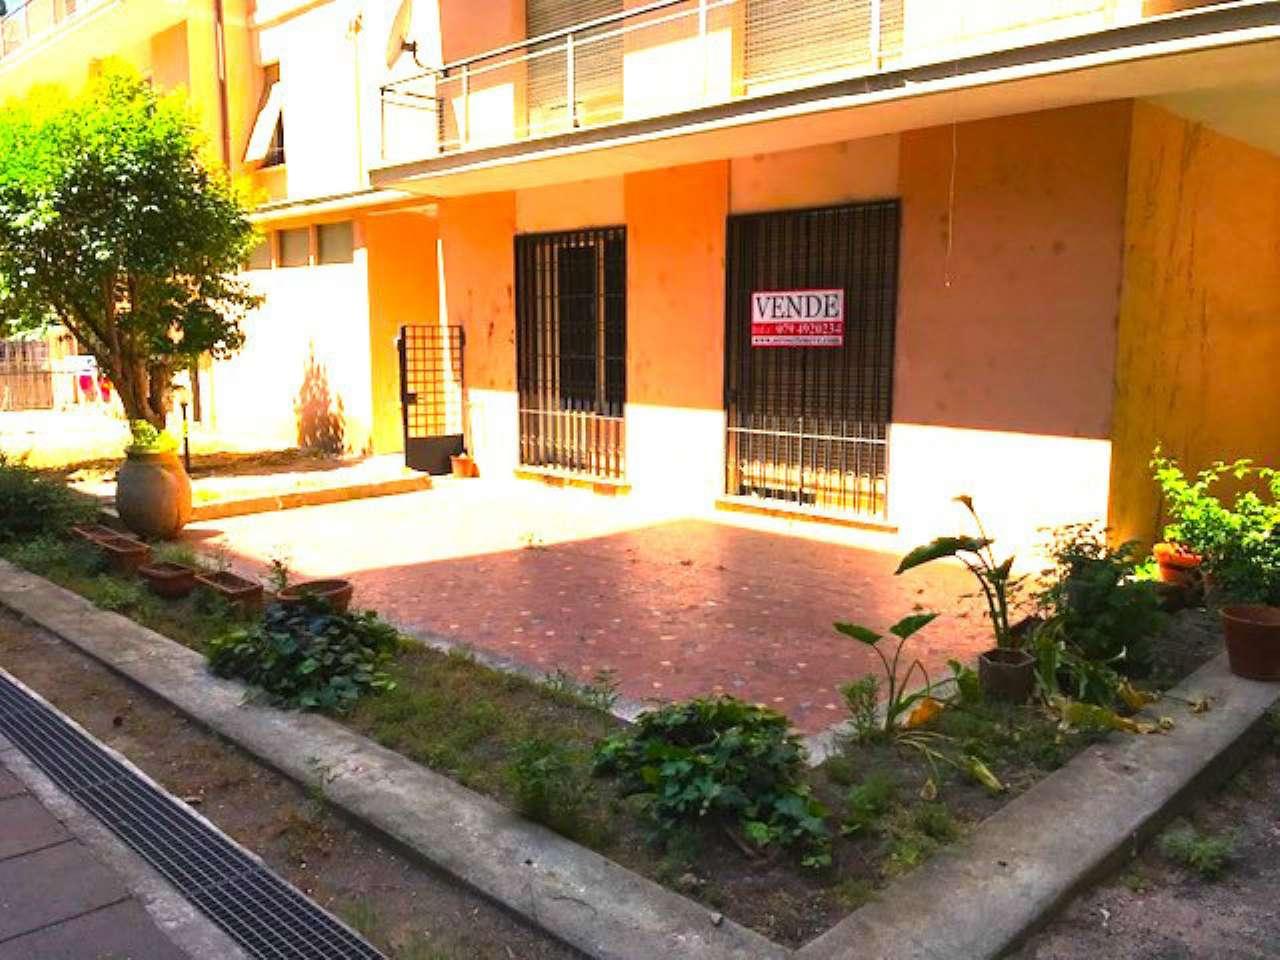 Appartamento in vendita a Sassari, 7 locali, prezzo € 169.000 | CambioCasa.it